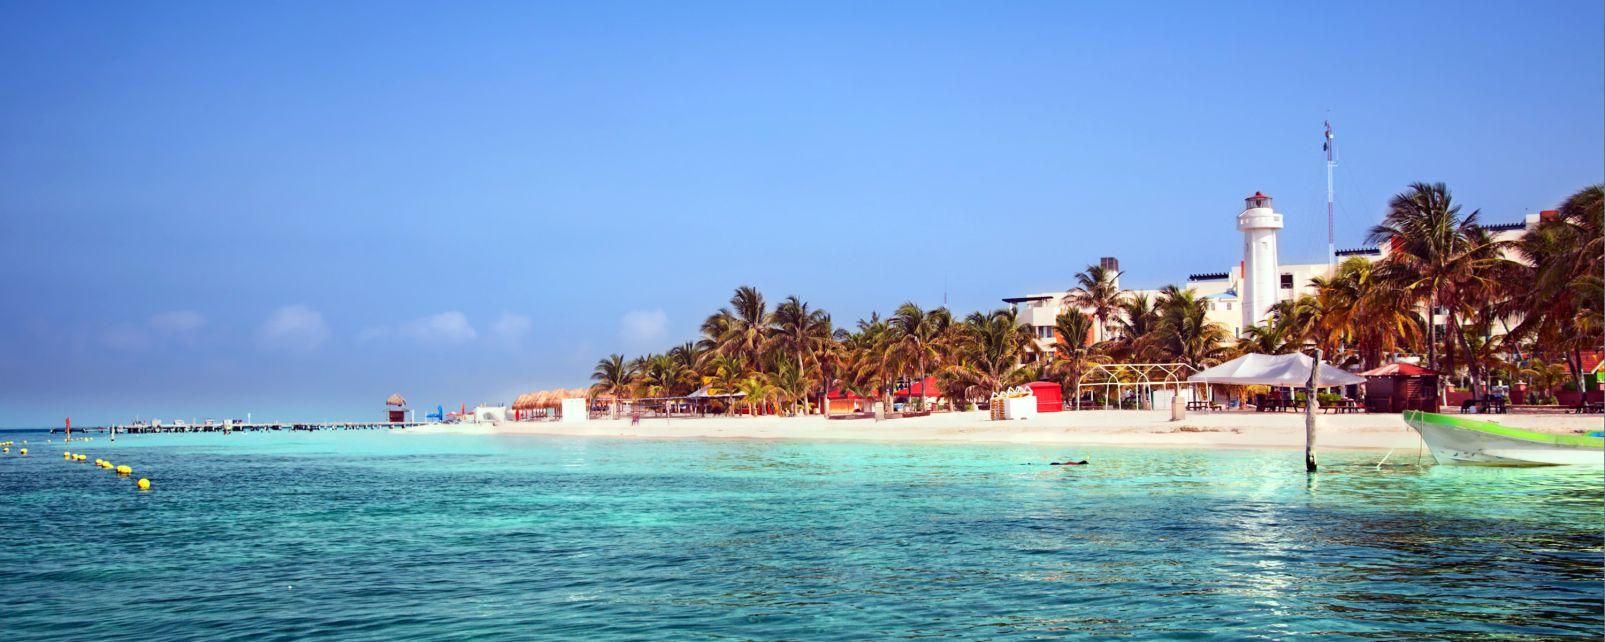 Les activités et les loisirs, Mexique, amérique, amérique du nord, plage, mer, isla, mujeres